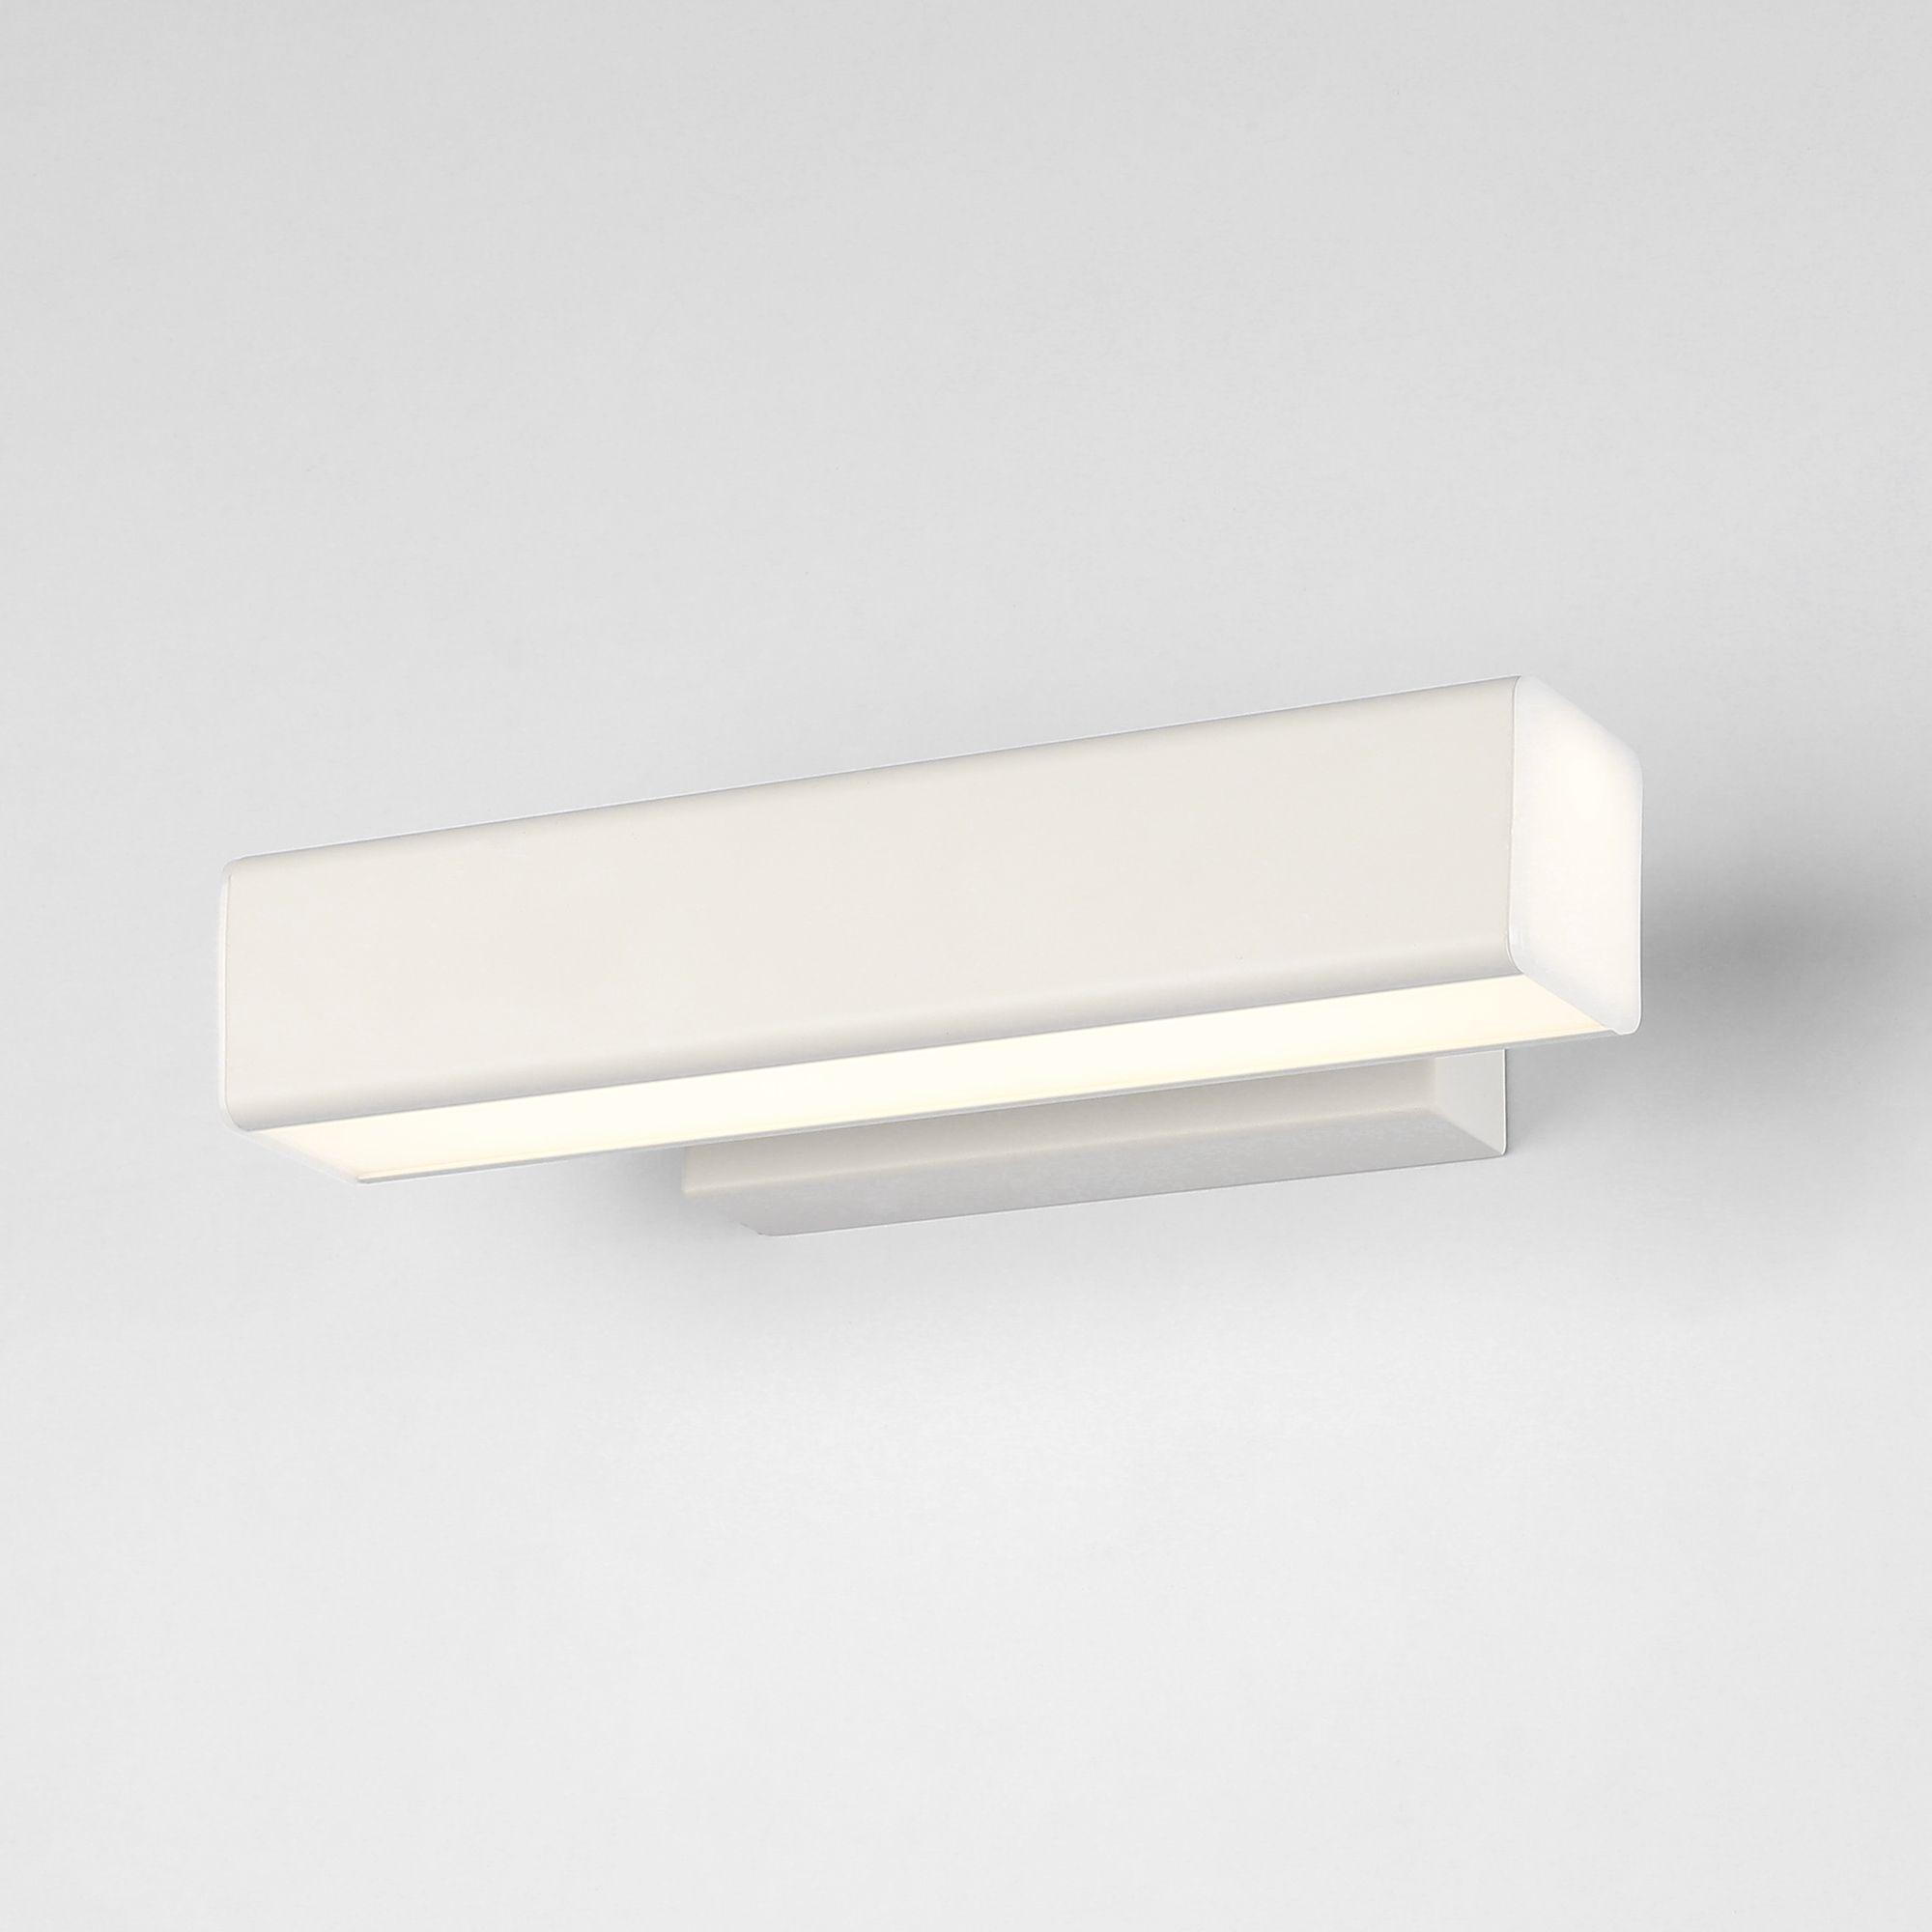 Настенный светодиодный светильник Kessi LED MRL LED 1007 белый